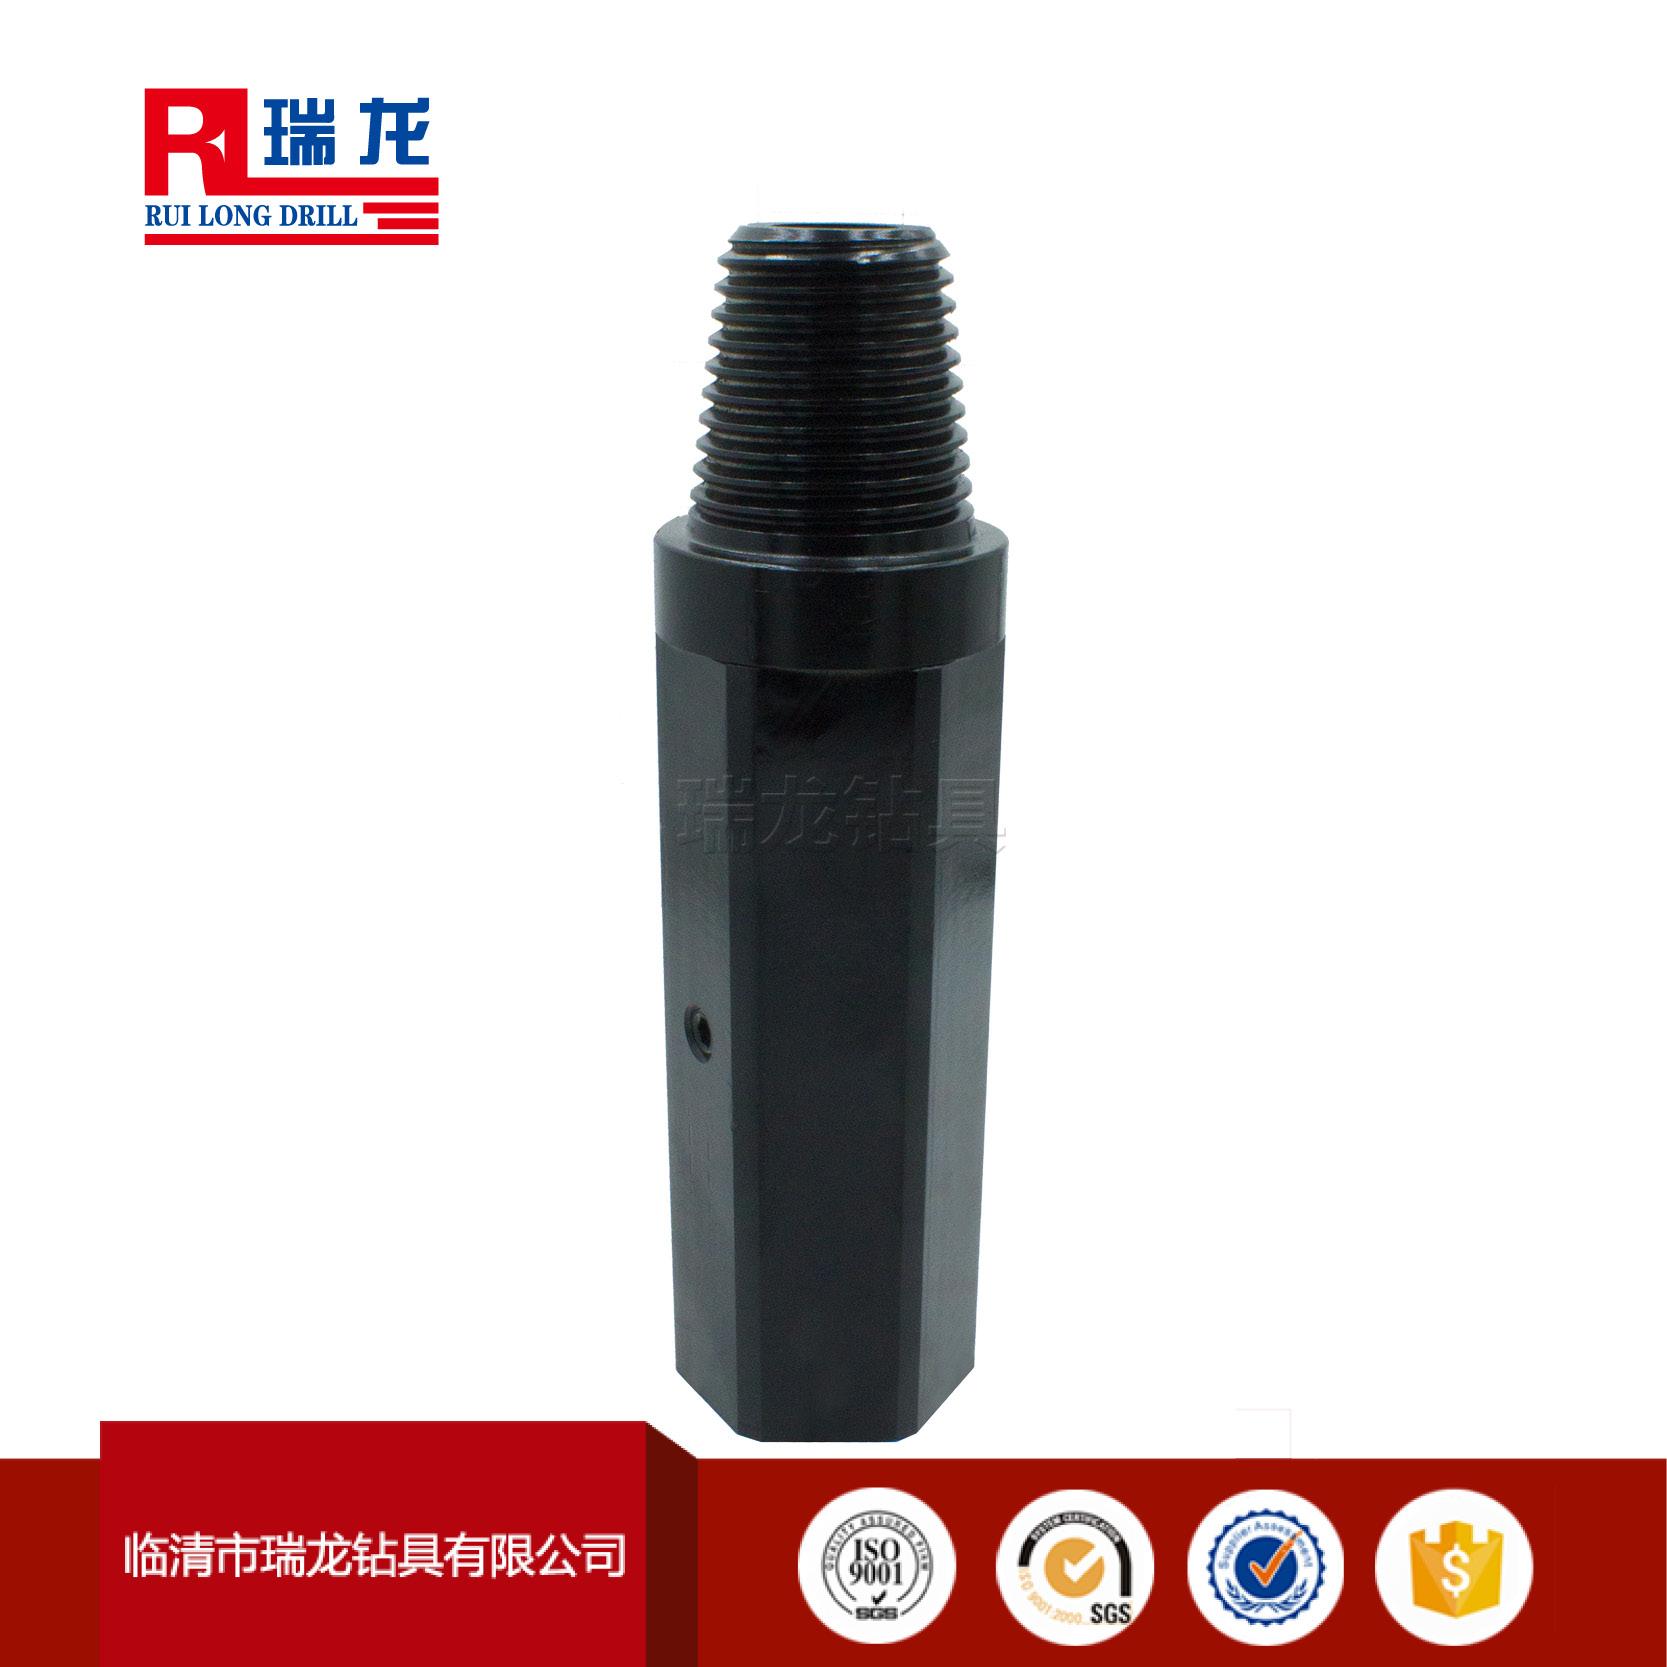 φ73-53-6.35射流器 瑞龙钻具